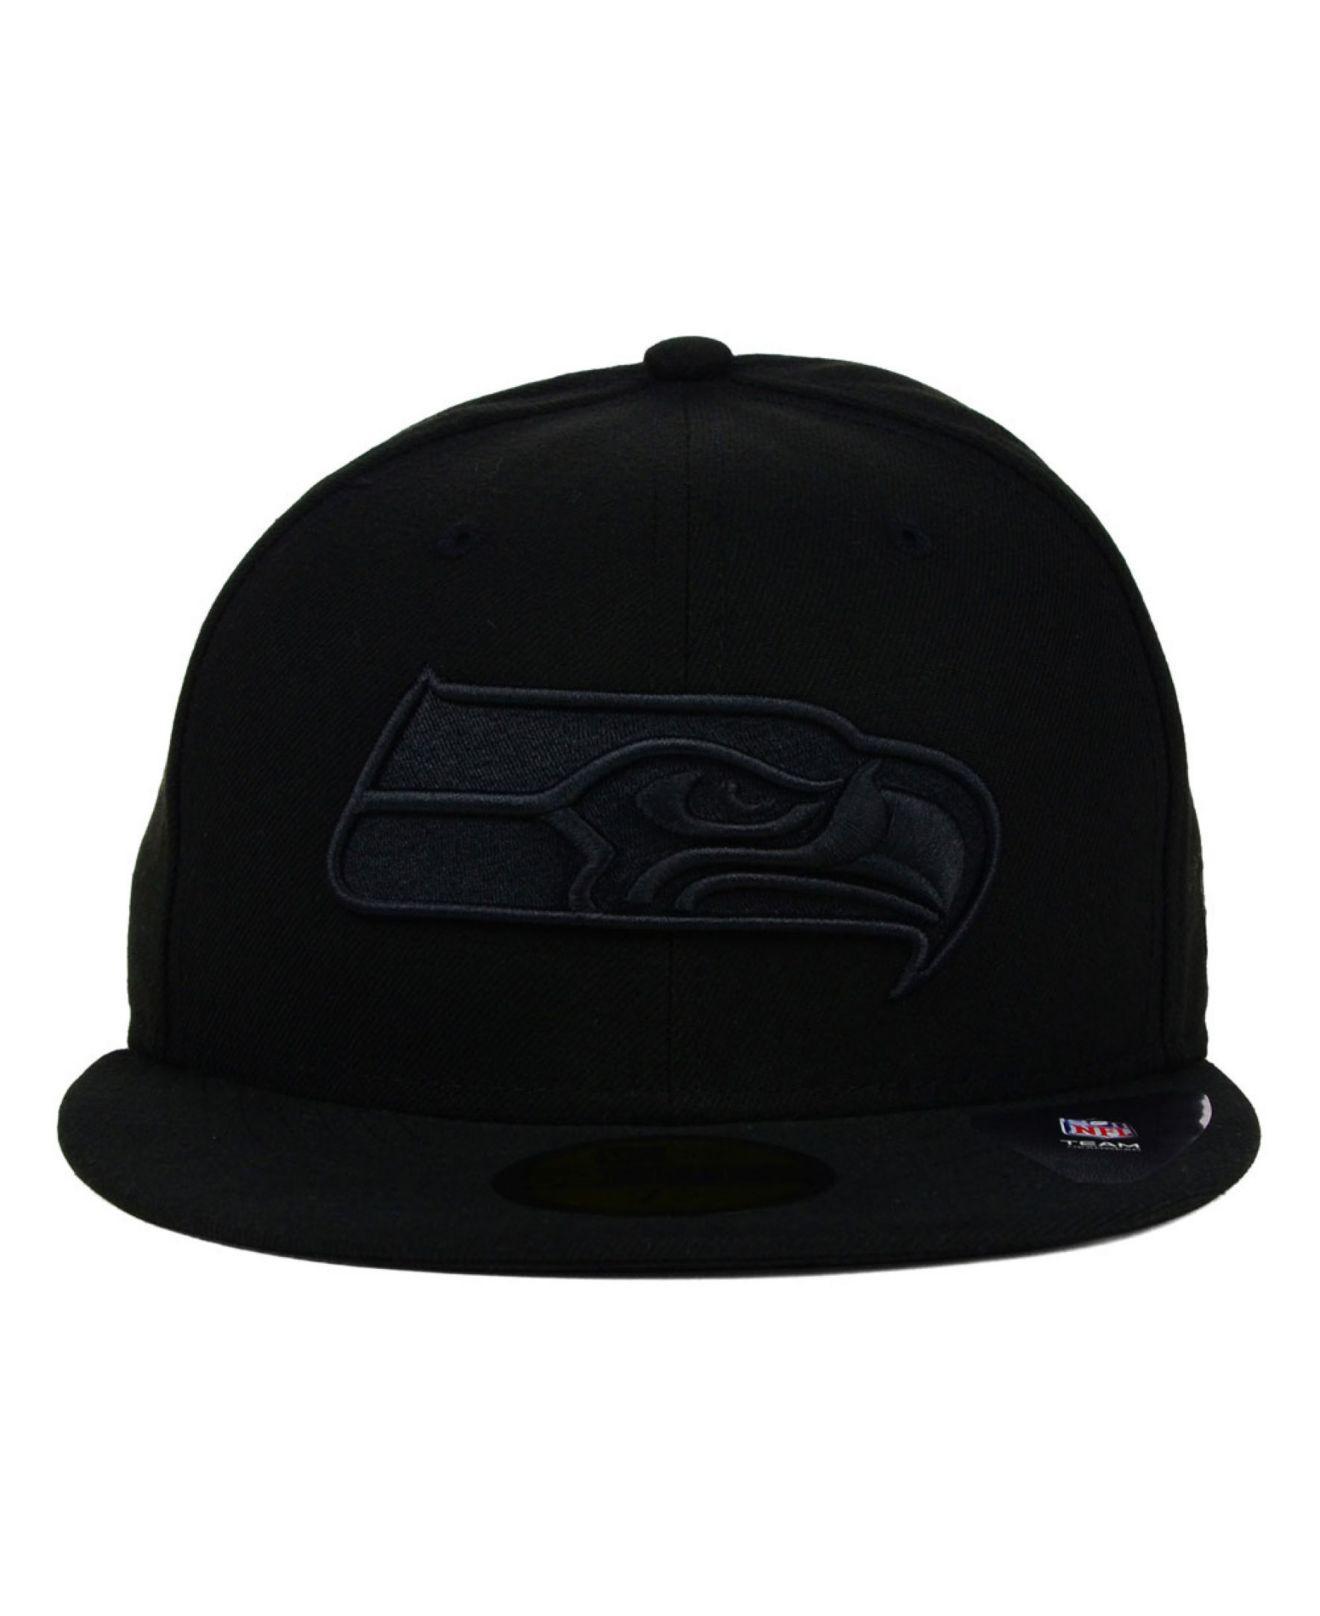 Lyst - KTZ Seattle Seahawks Black On Black 59fifty Cap in Black for Men d35a8741f64